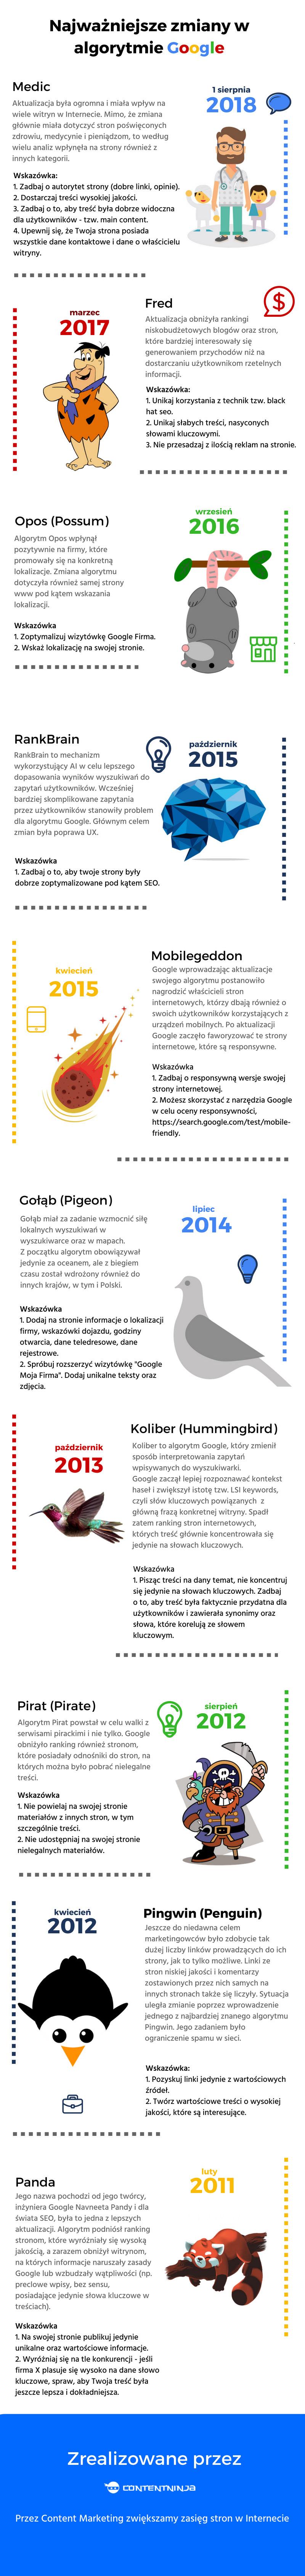 Najważniejsze zmiany w algorytmie Google Infografika